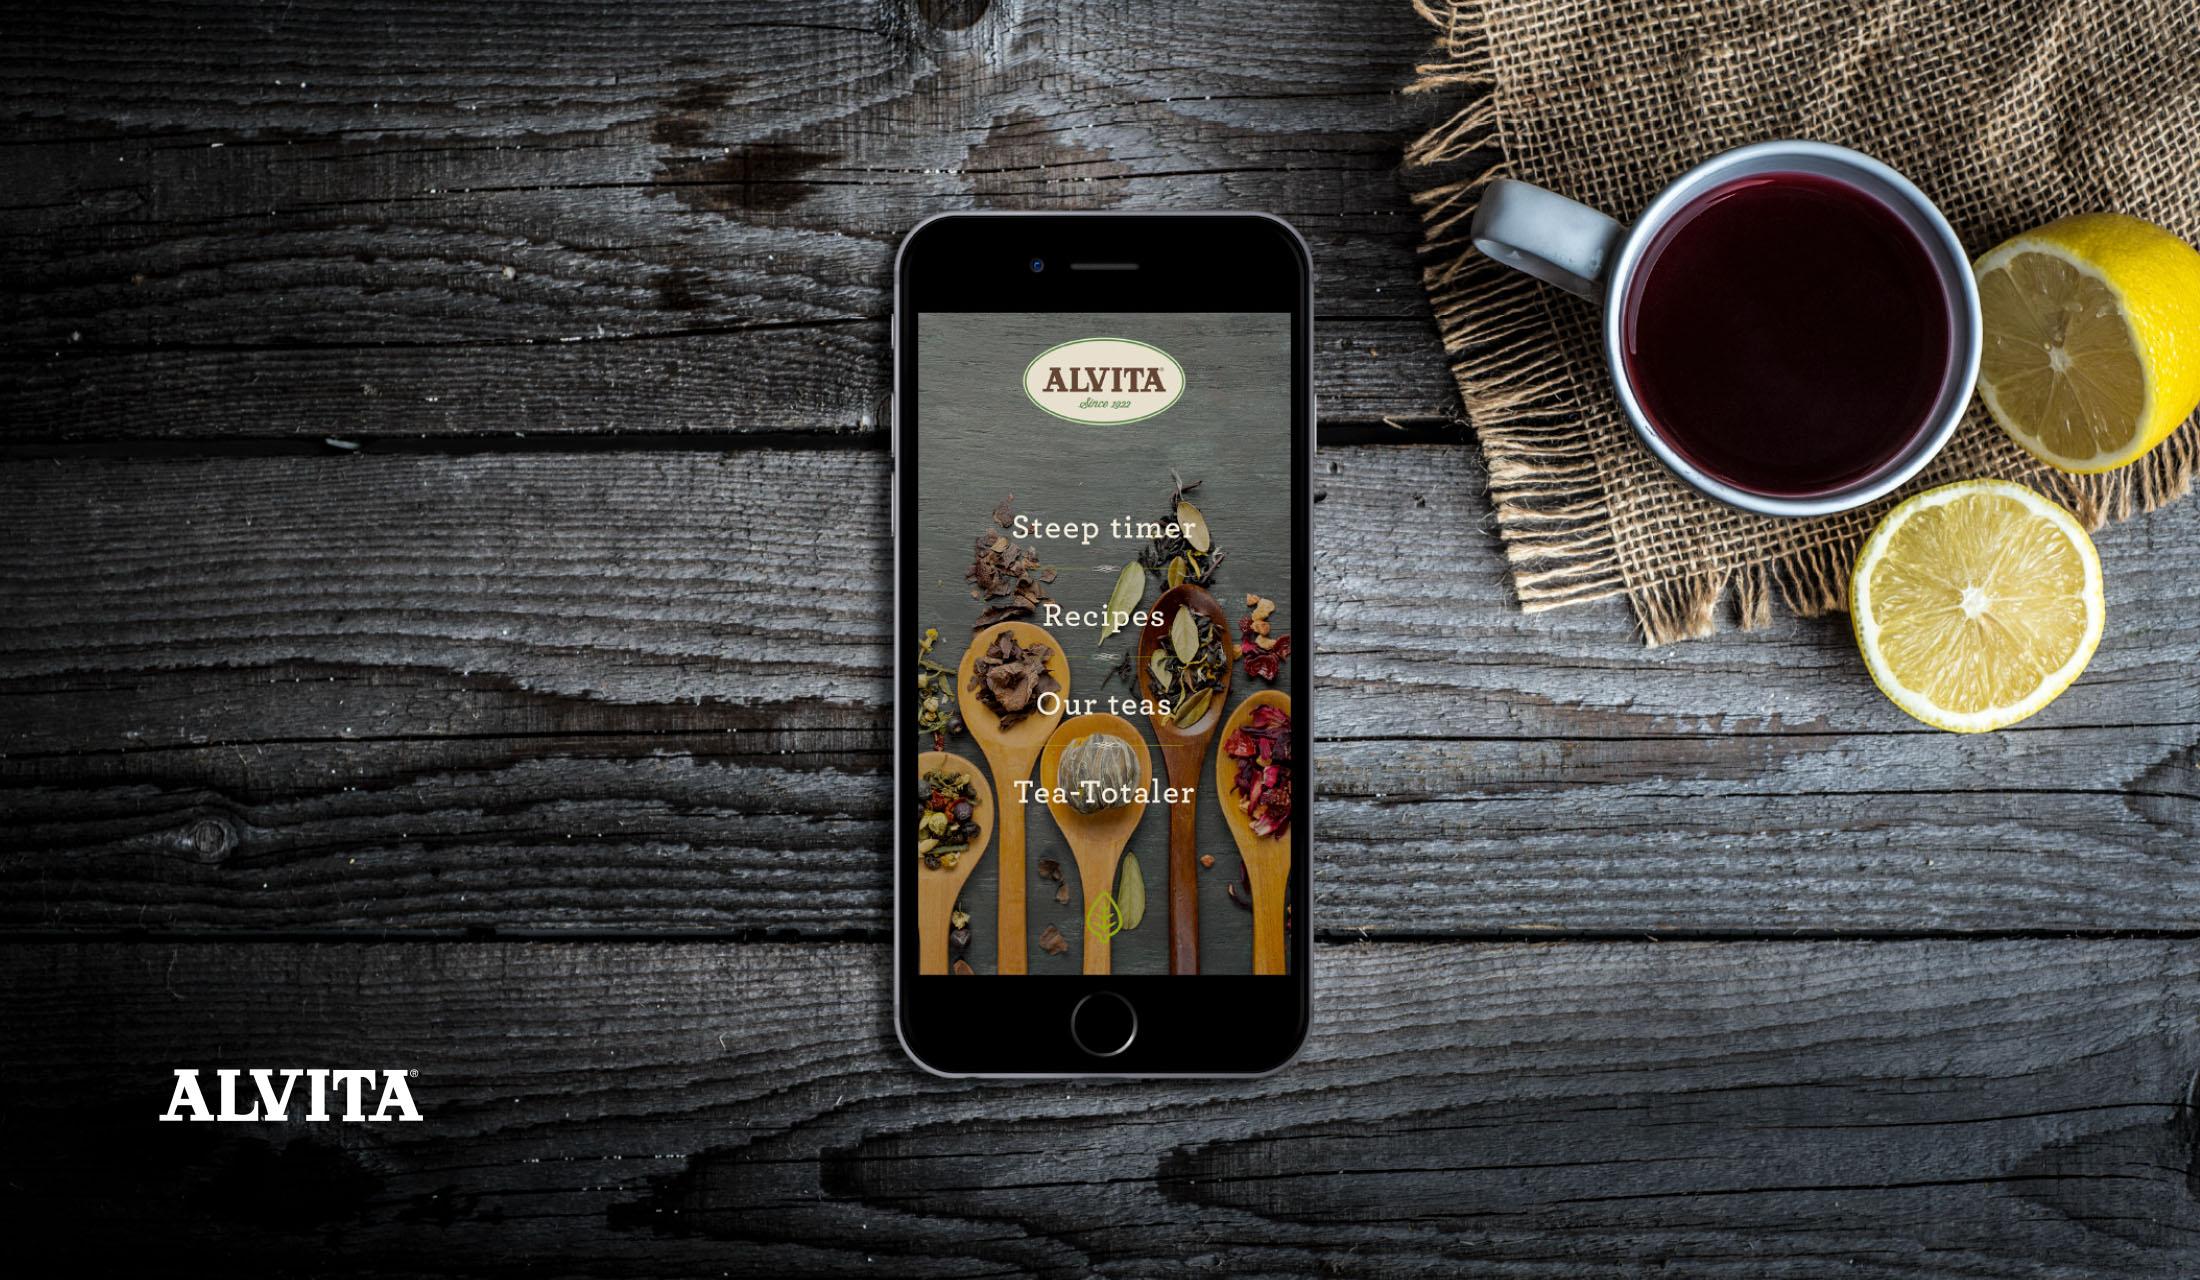 Alvita App